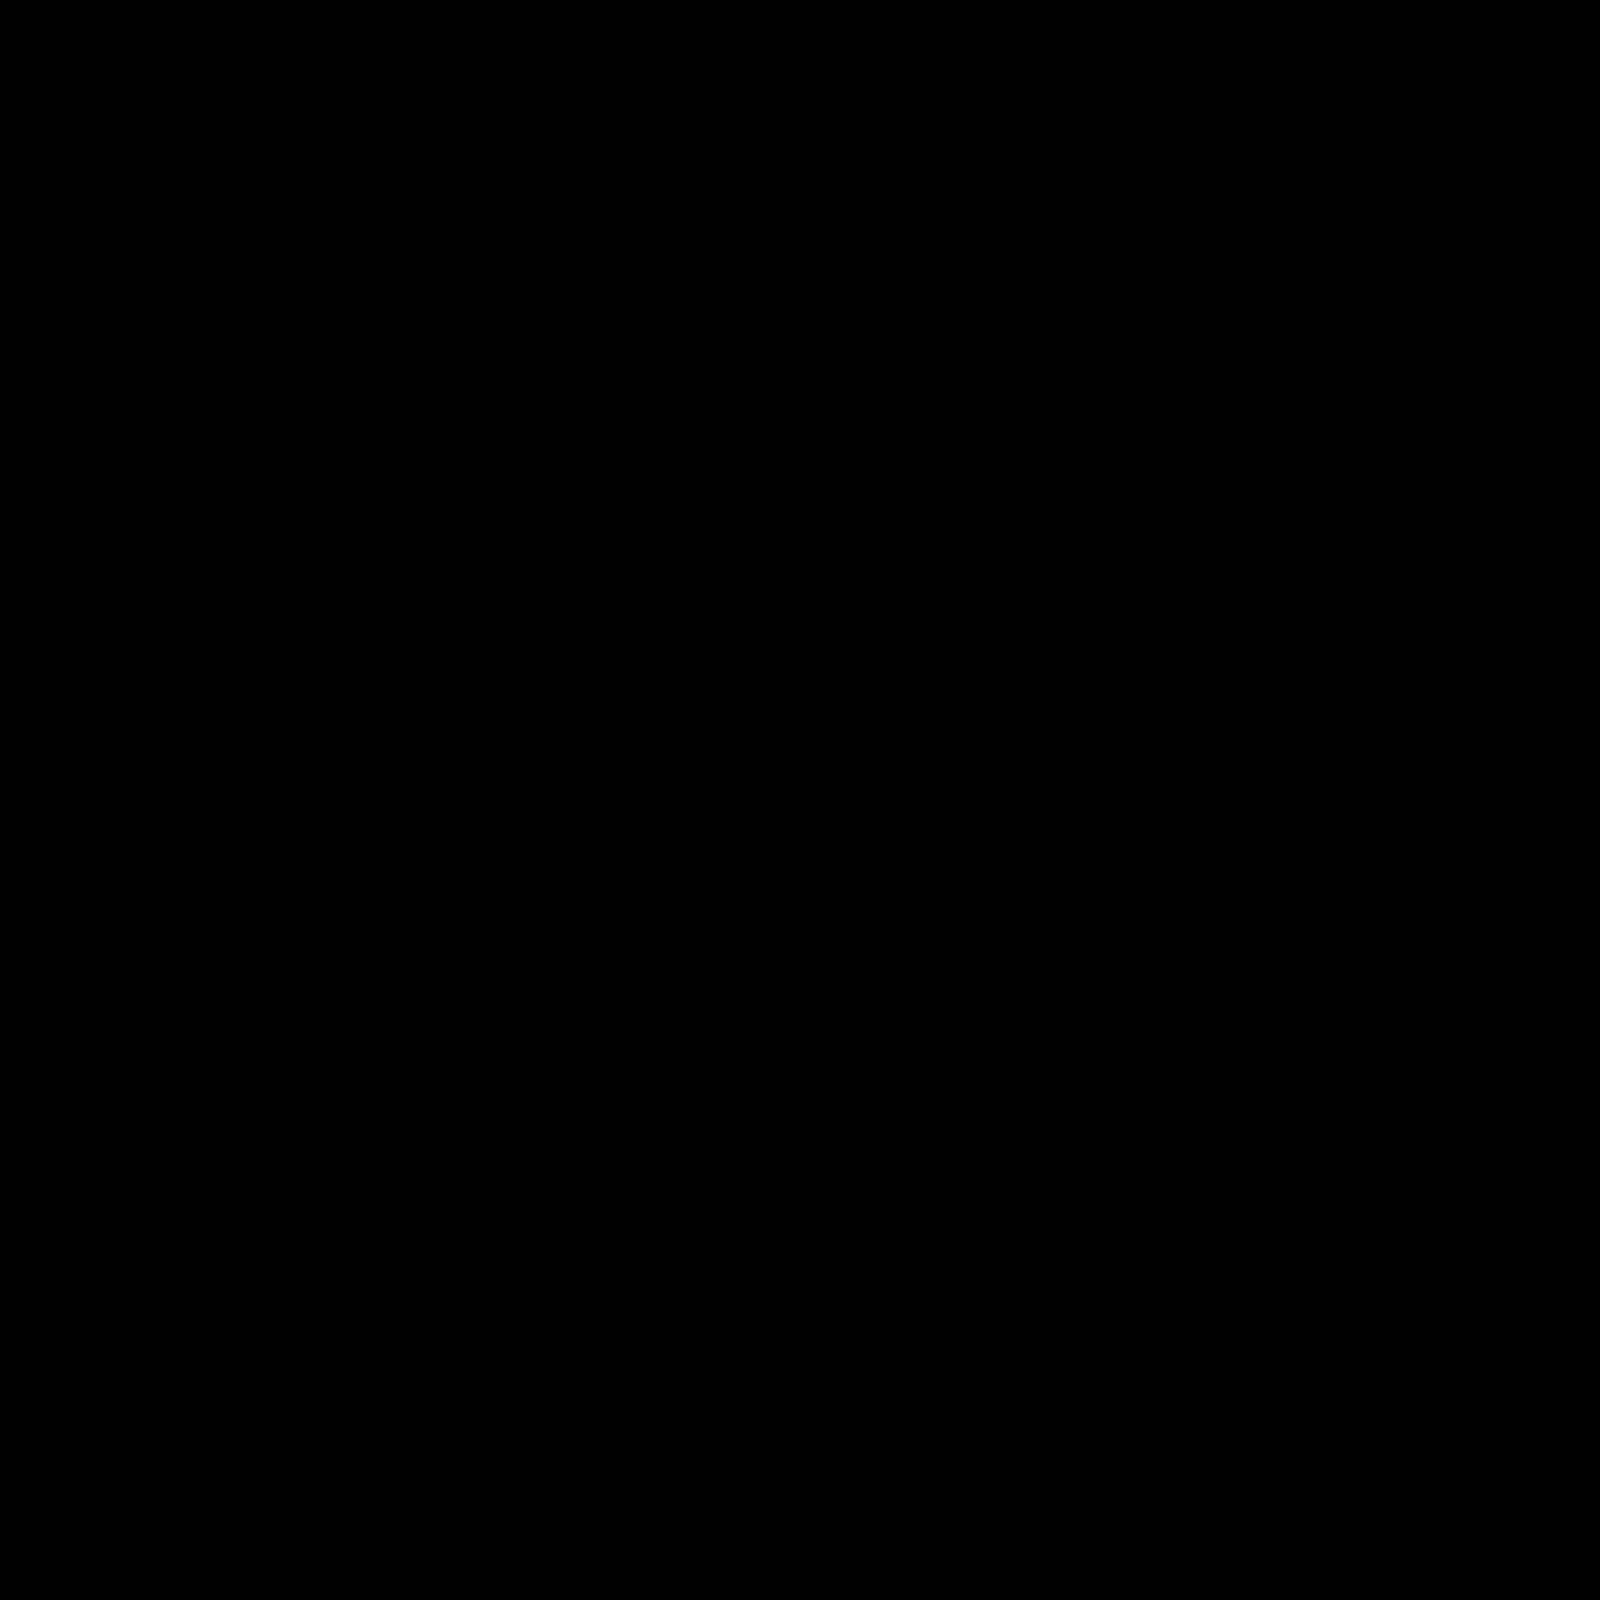 Średnia temperatura żelaza icon